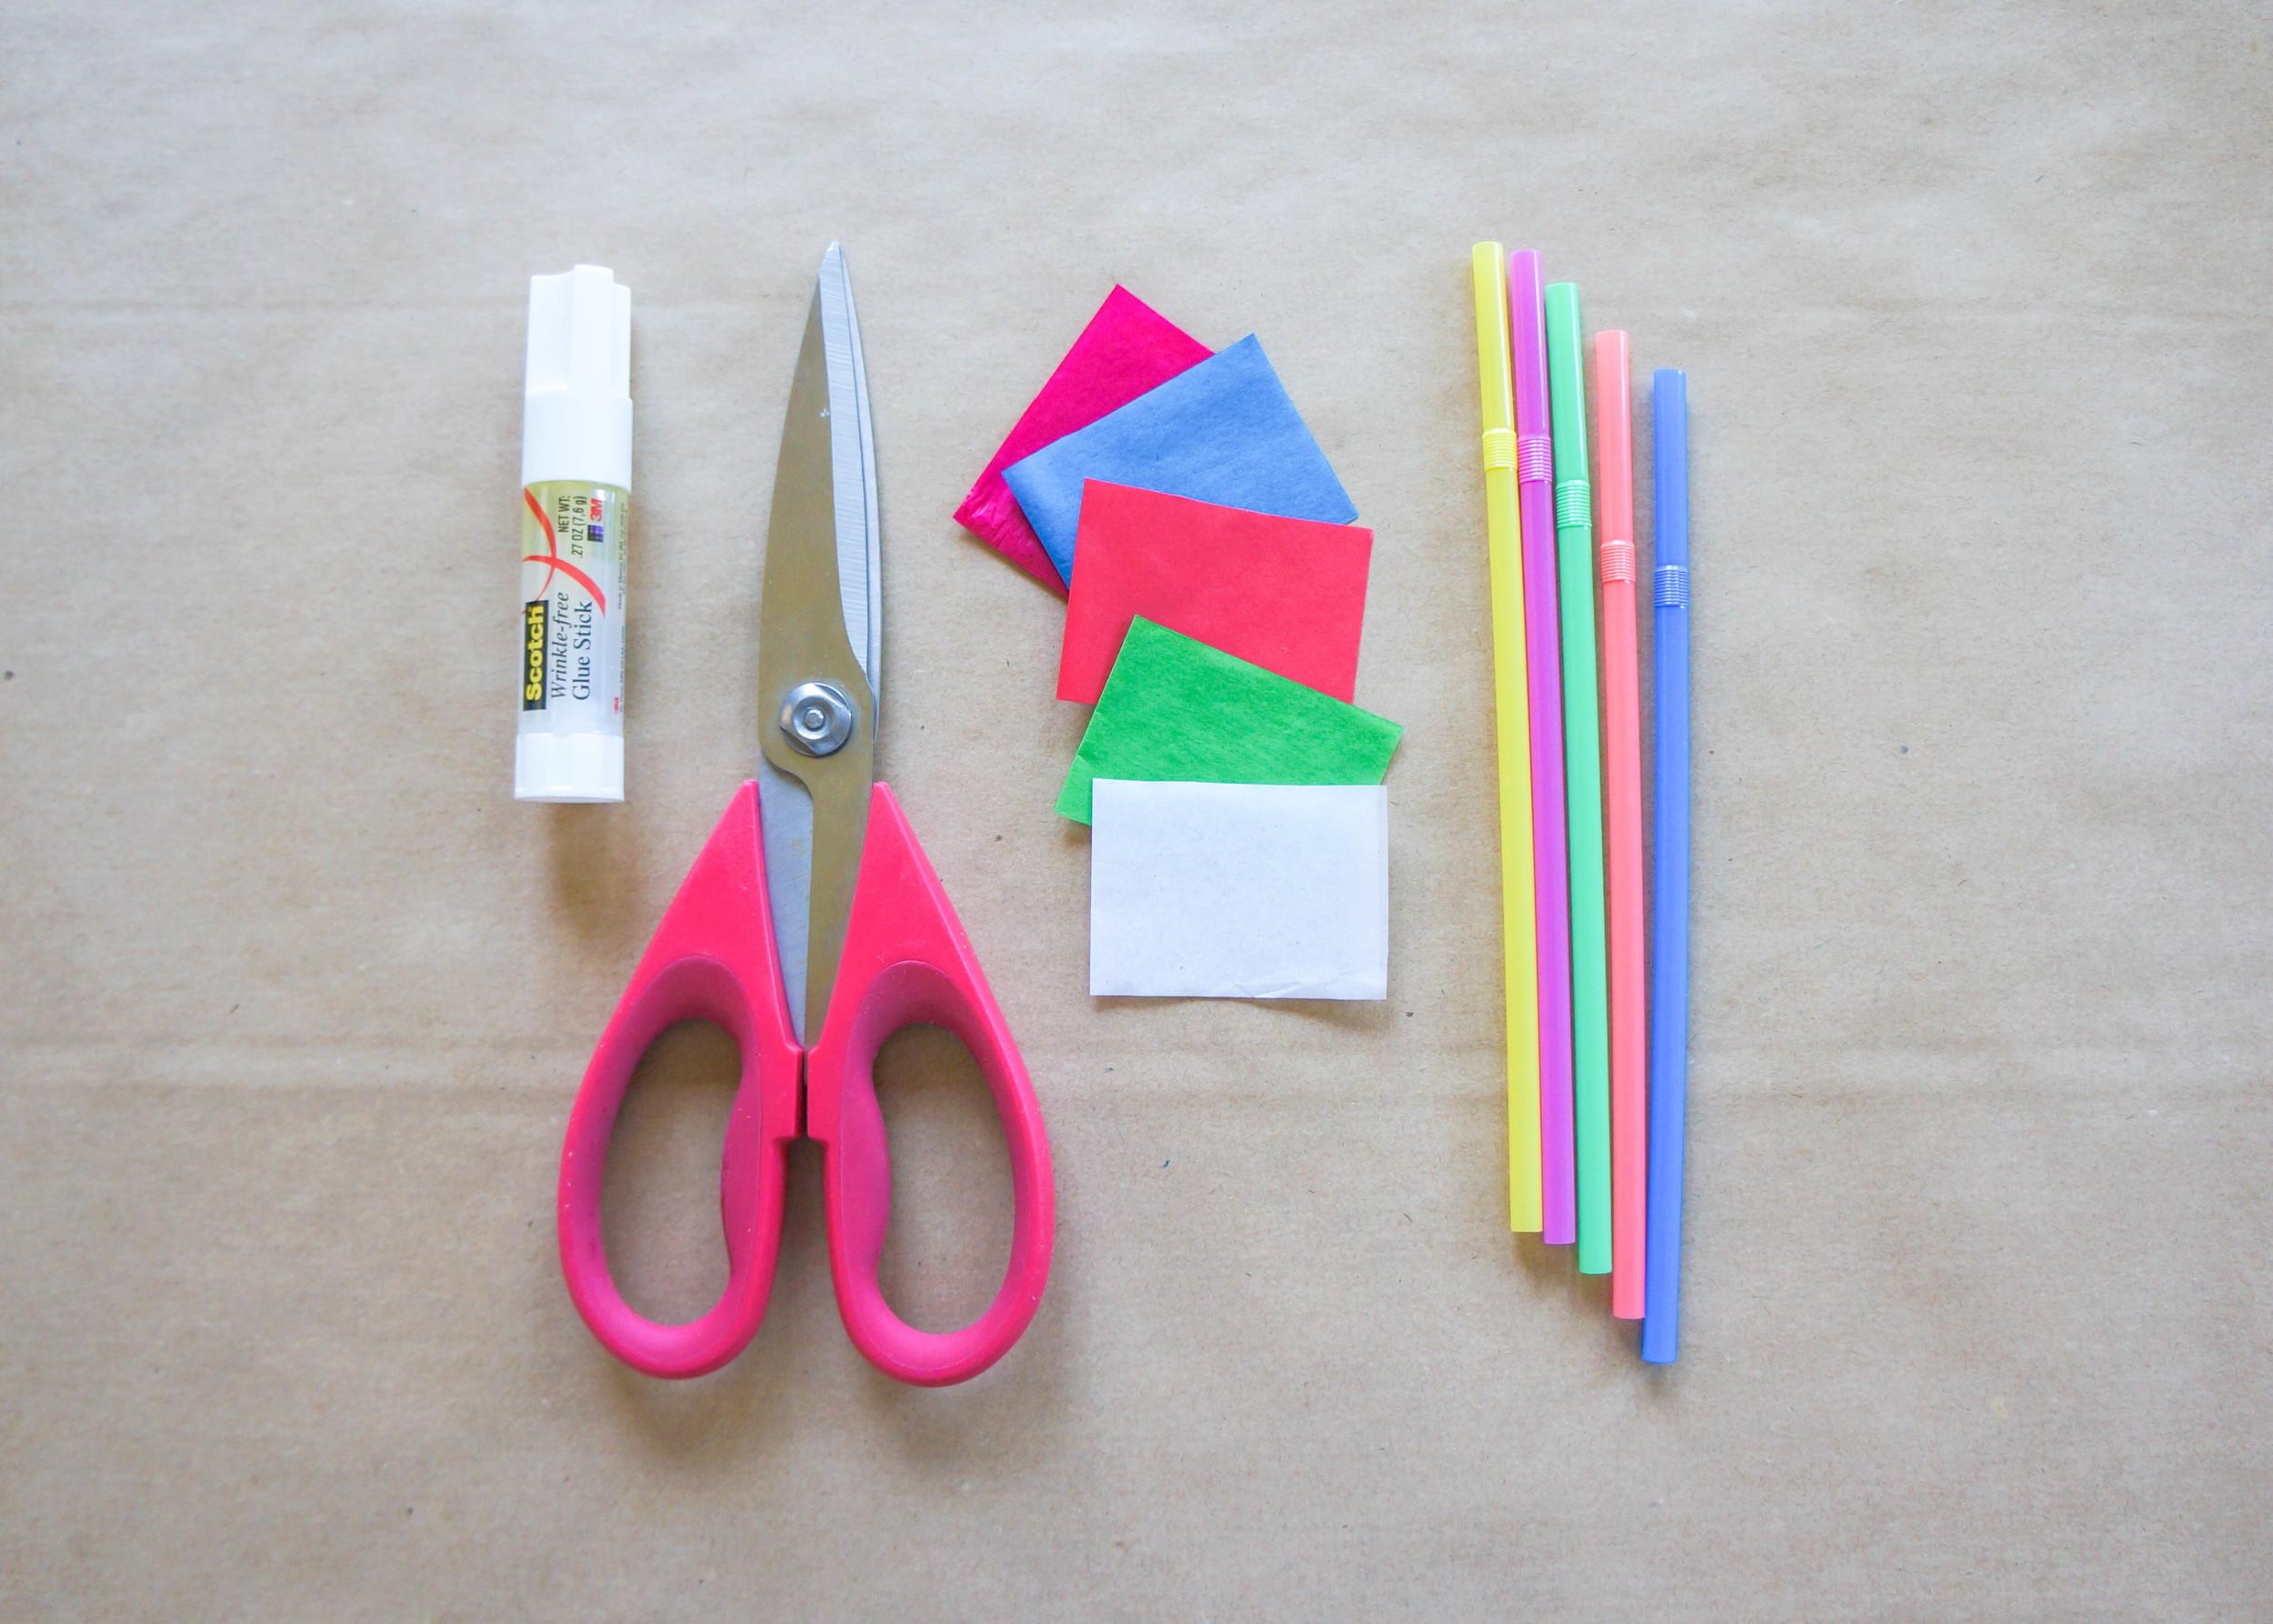 """-Tissue Paper (1.5"""" x 4"""" strips)  -Straws  -Scissors  -Glue Stick"""